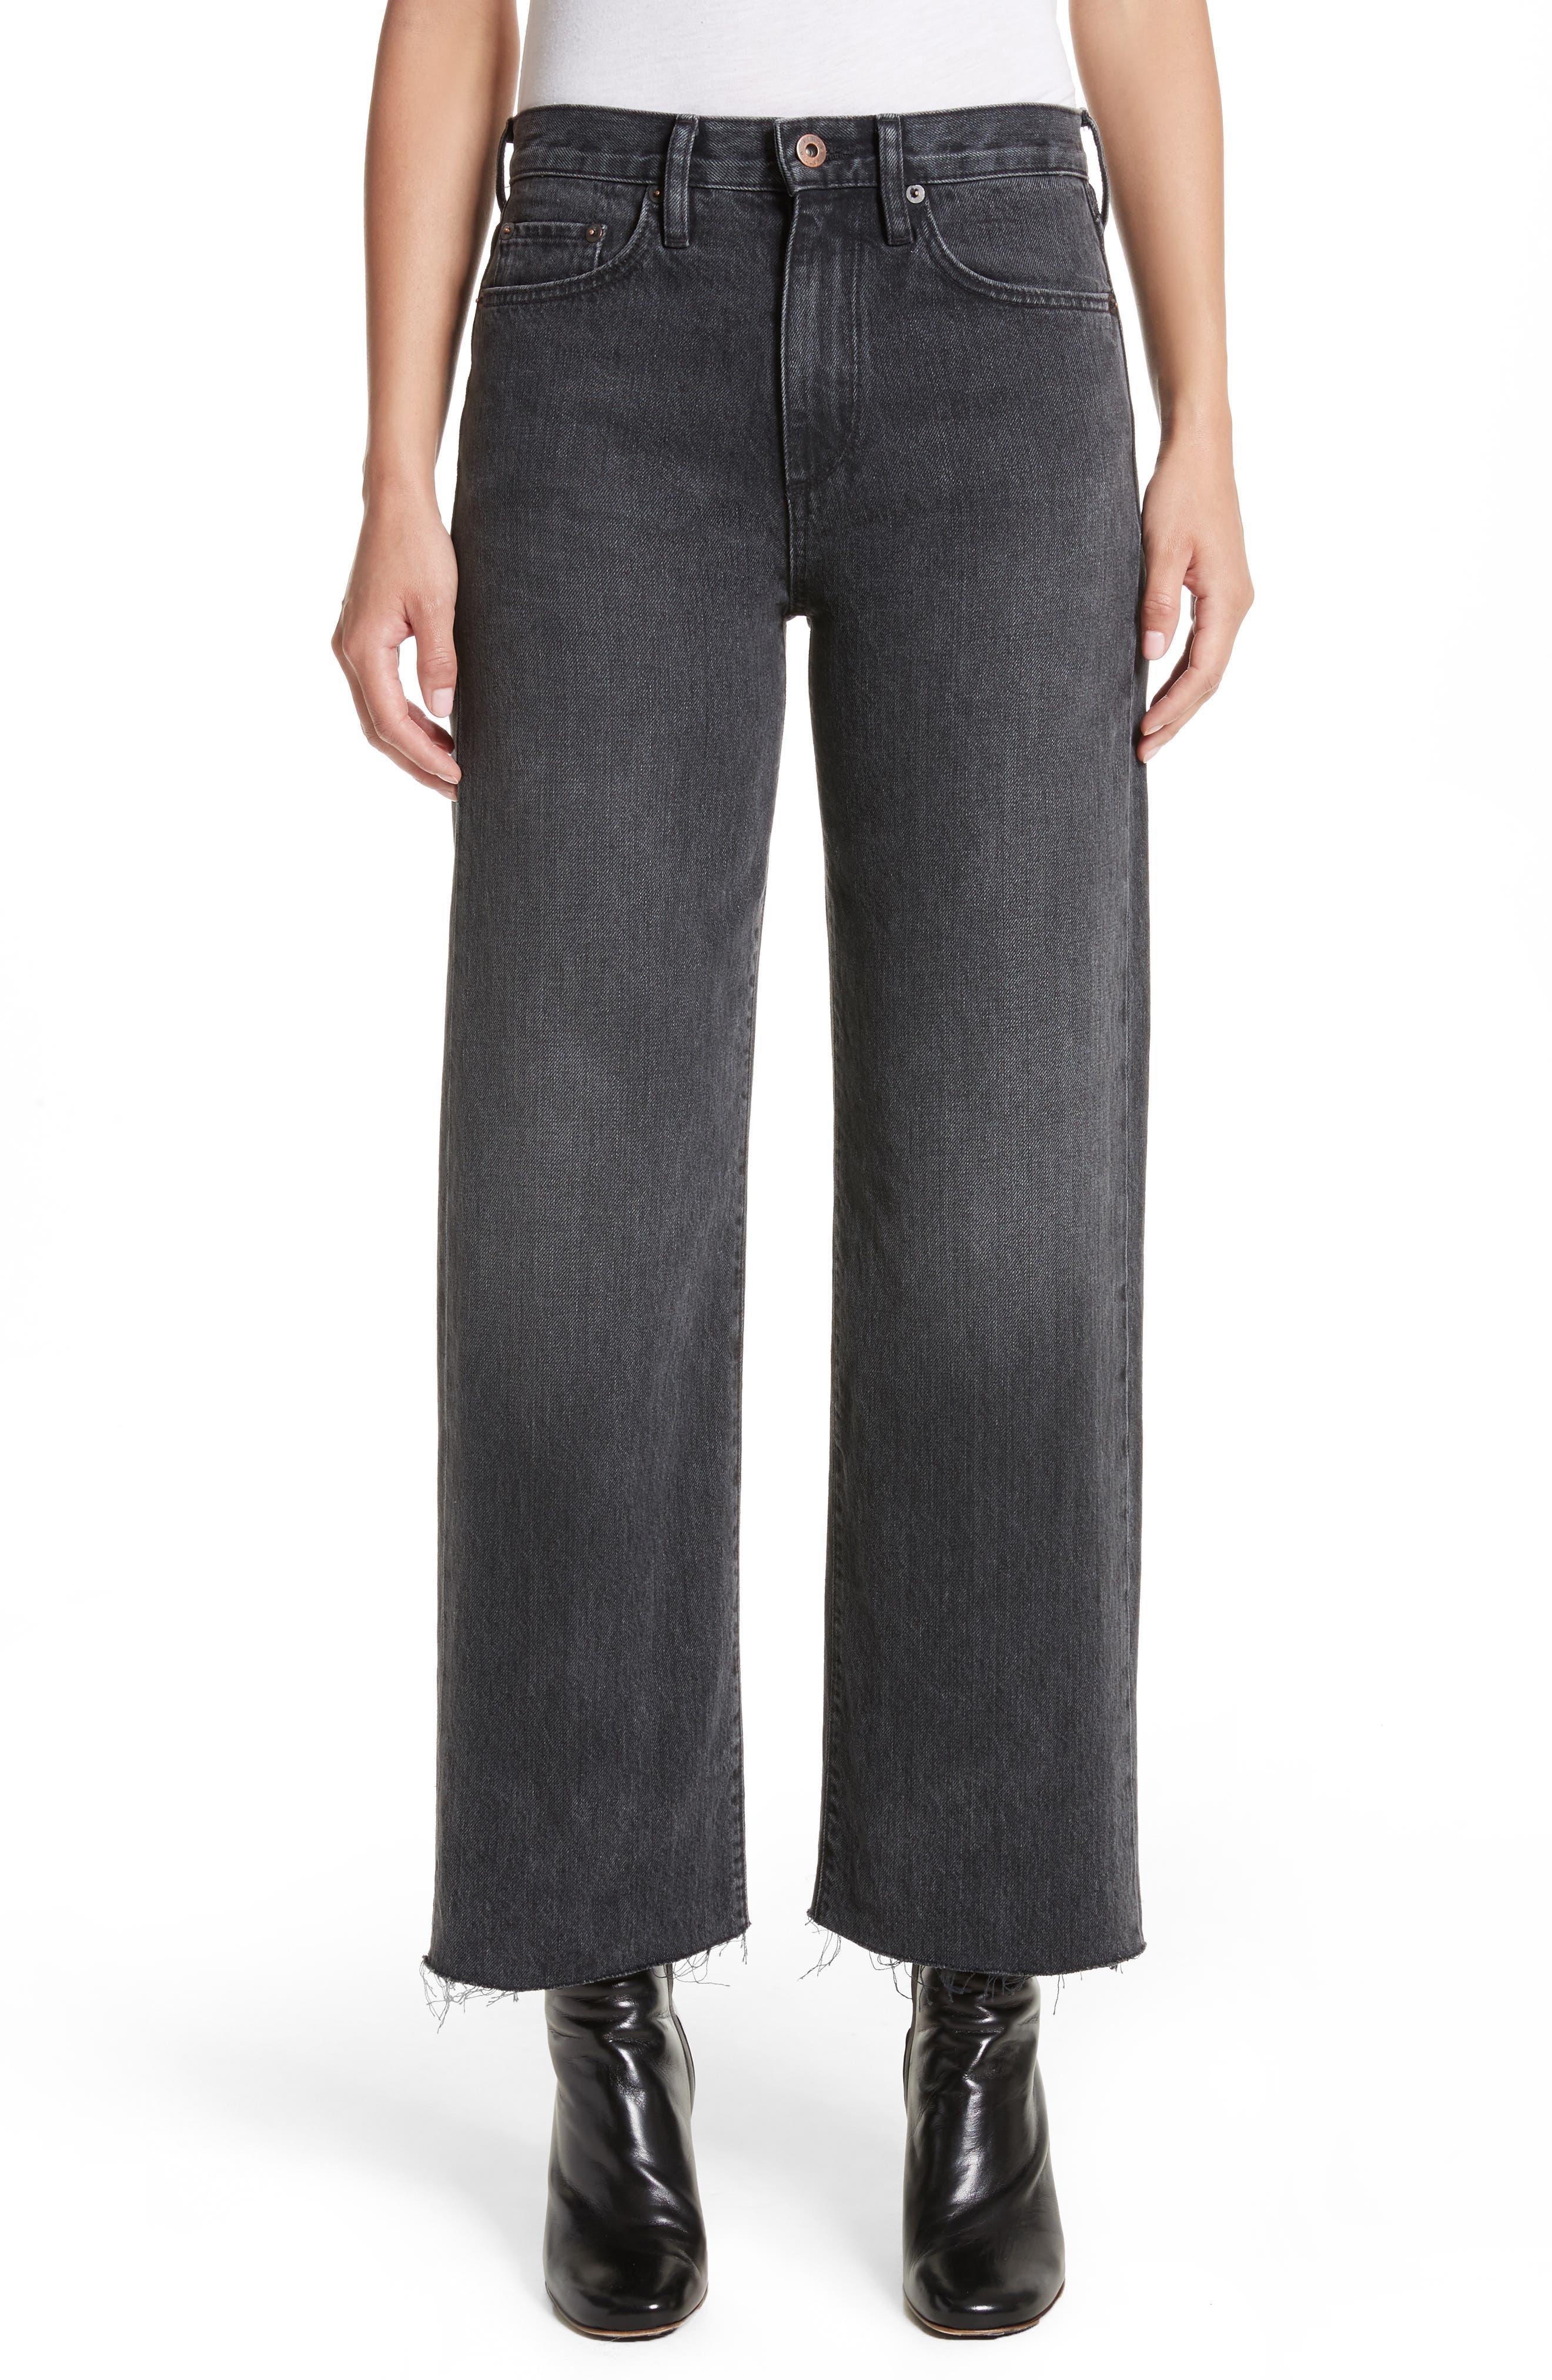 Tilson Crop Frayed Wide Leg Jeans,                         Main,                         color, Mid Black Wash